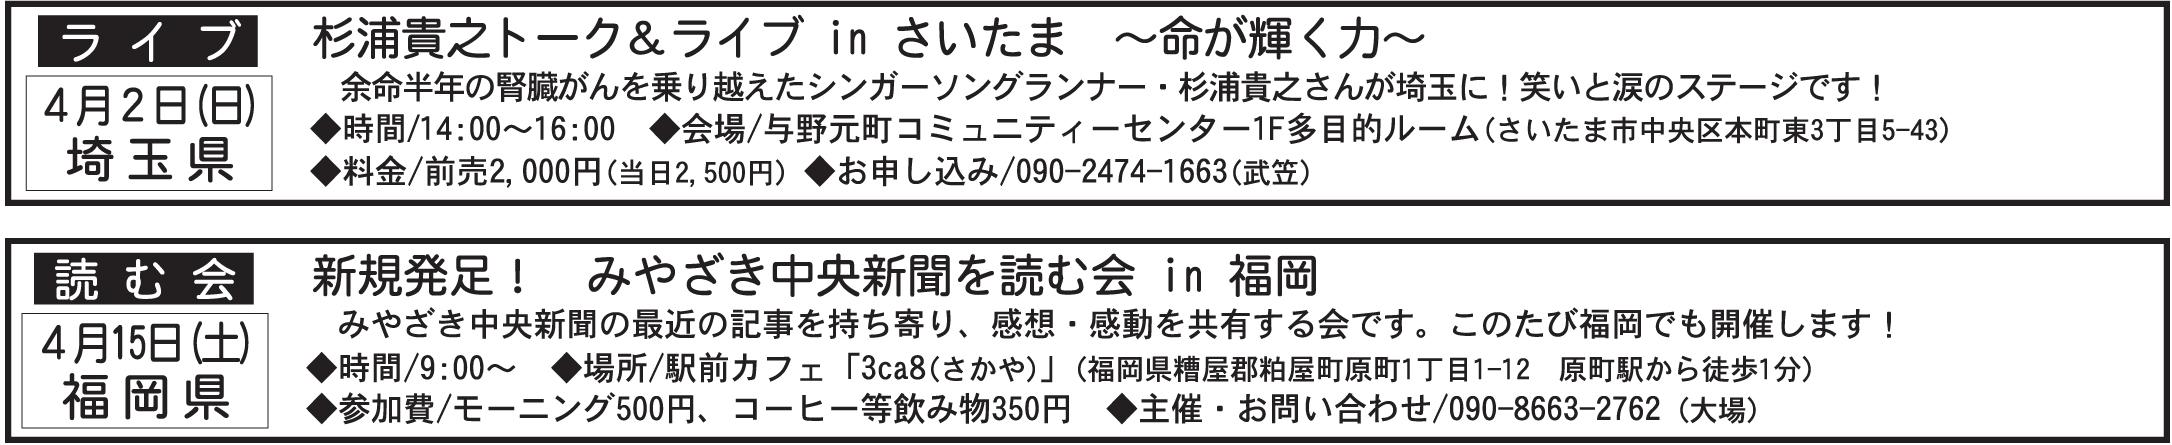 muryo2687.jpg